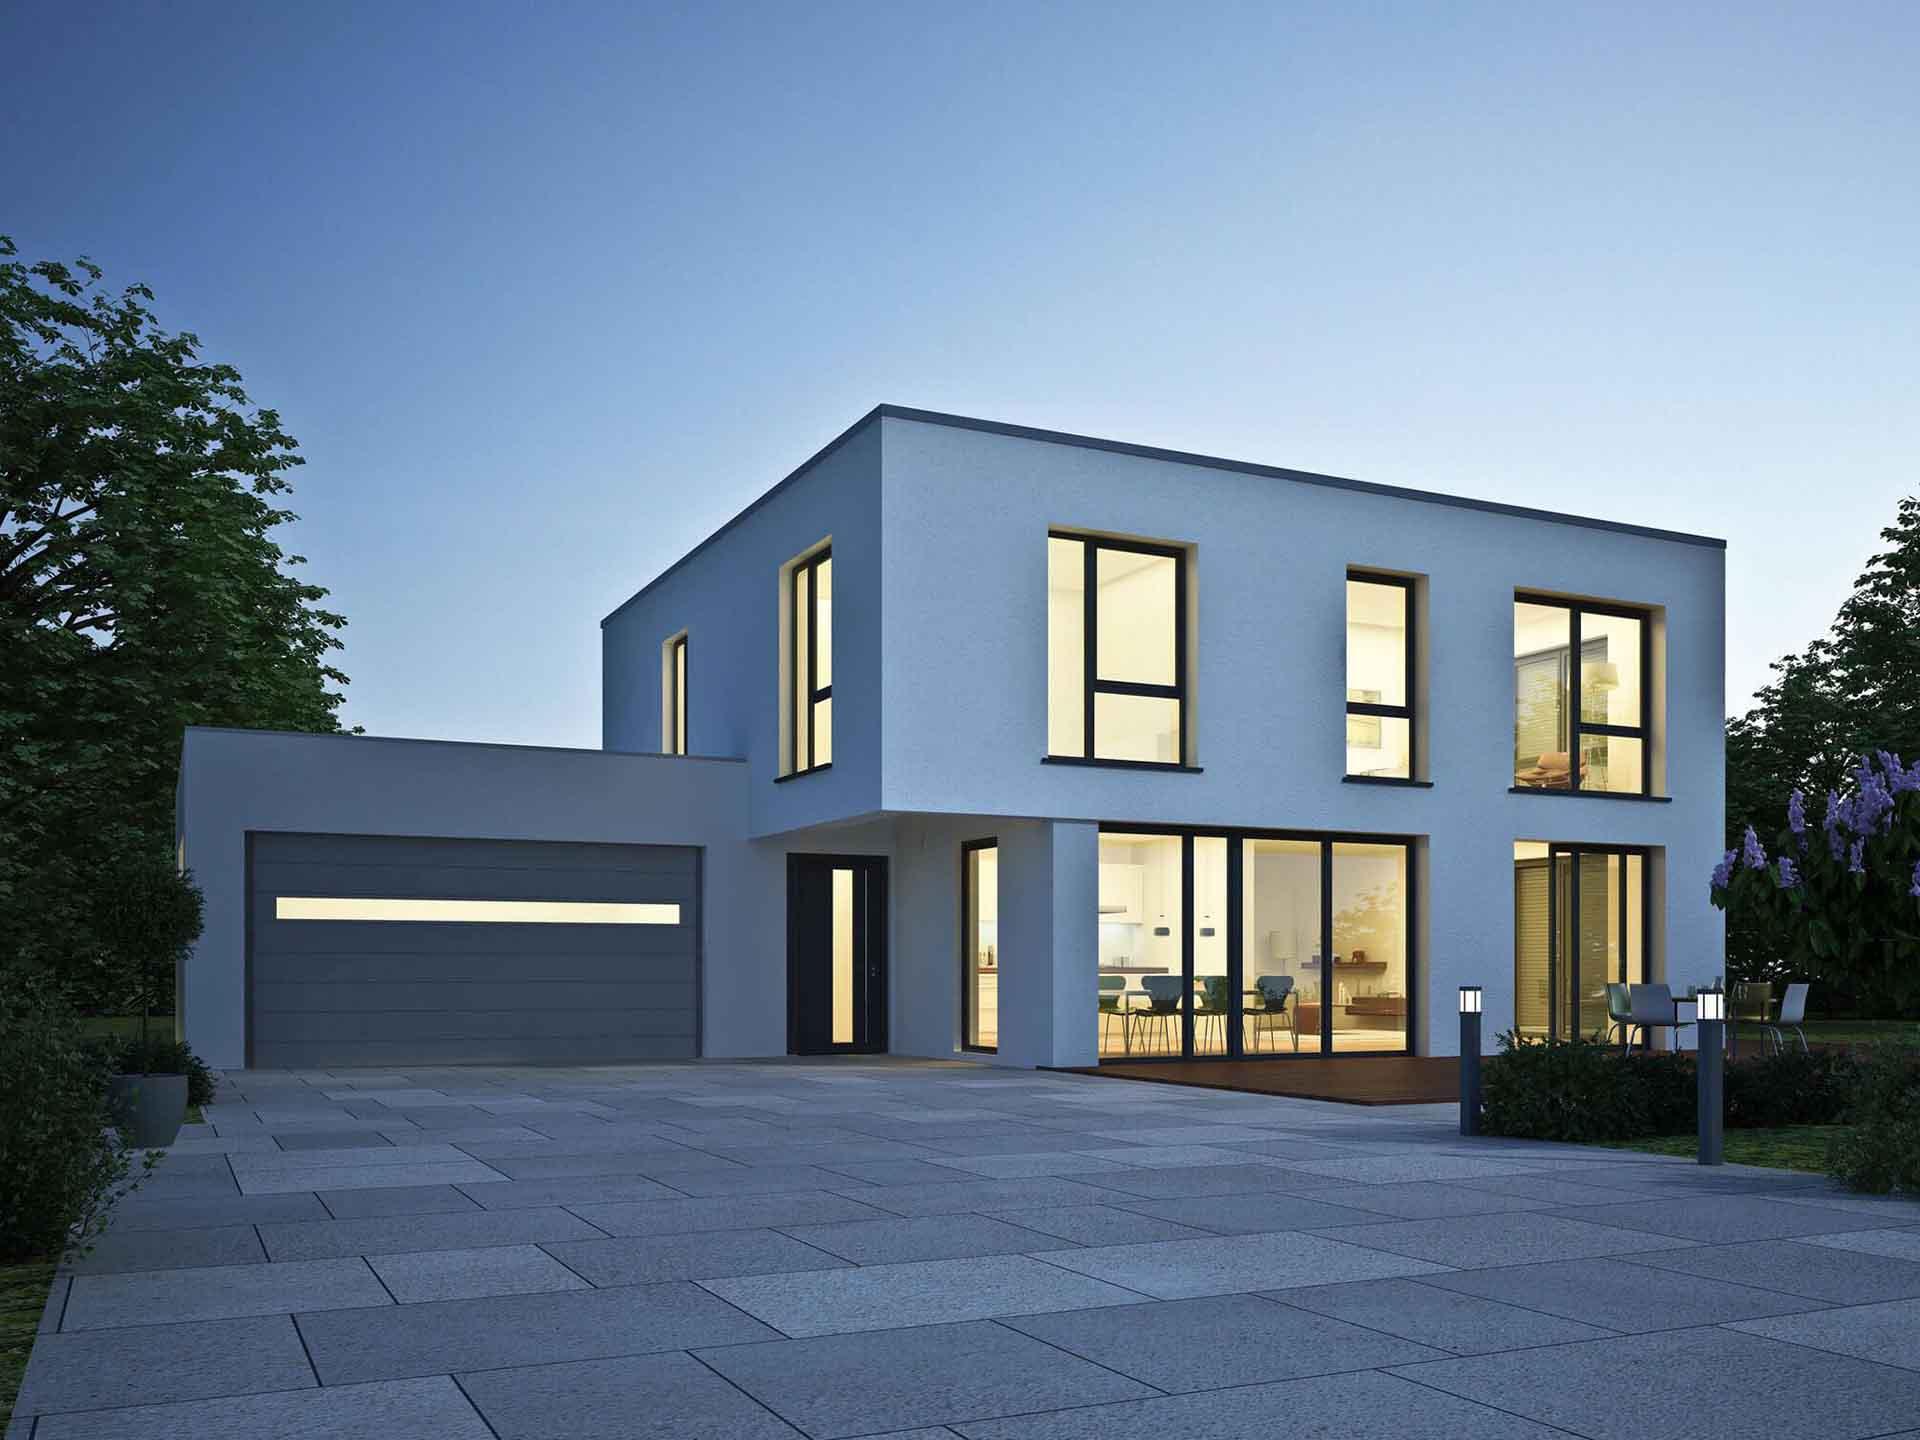 UhrigHaus Bauhaus